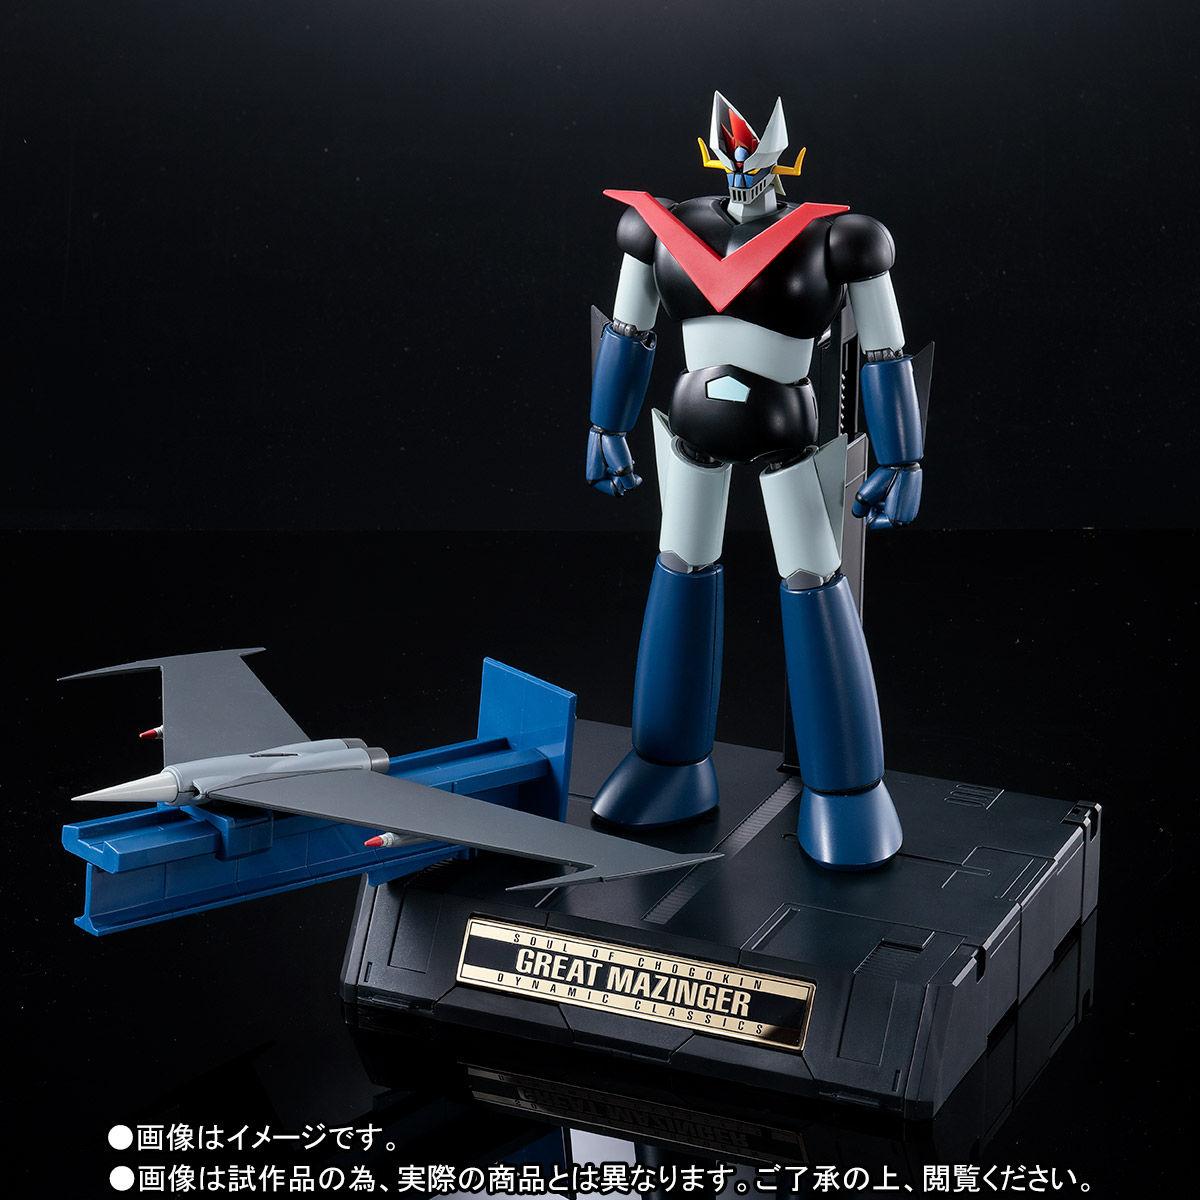 超合金魂 GX-73SP『グレートマジンガー D.C. アニメカラーバージョン』可動フィギュア-002